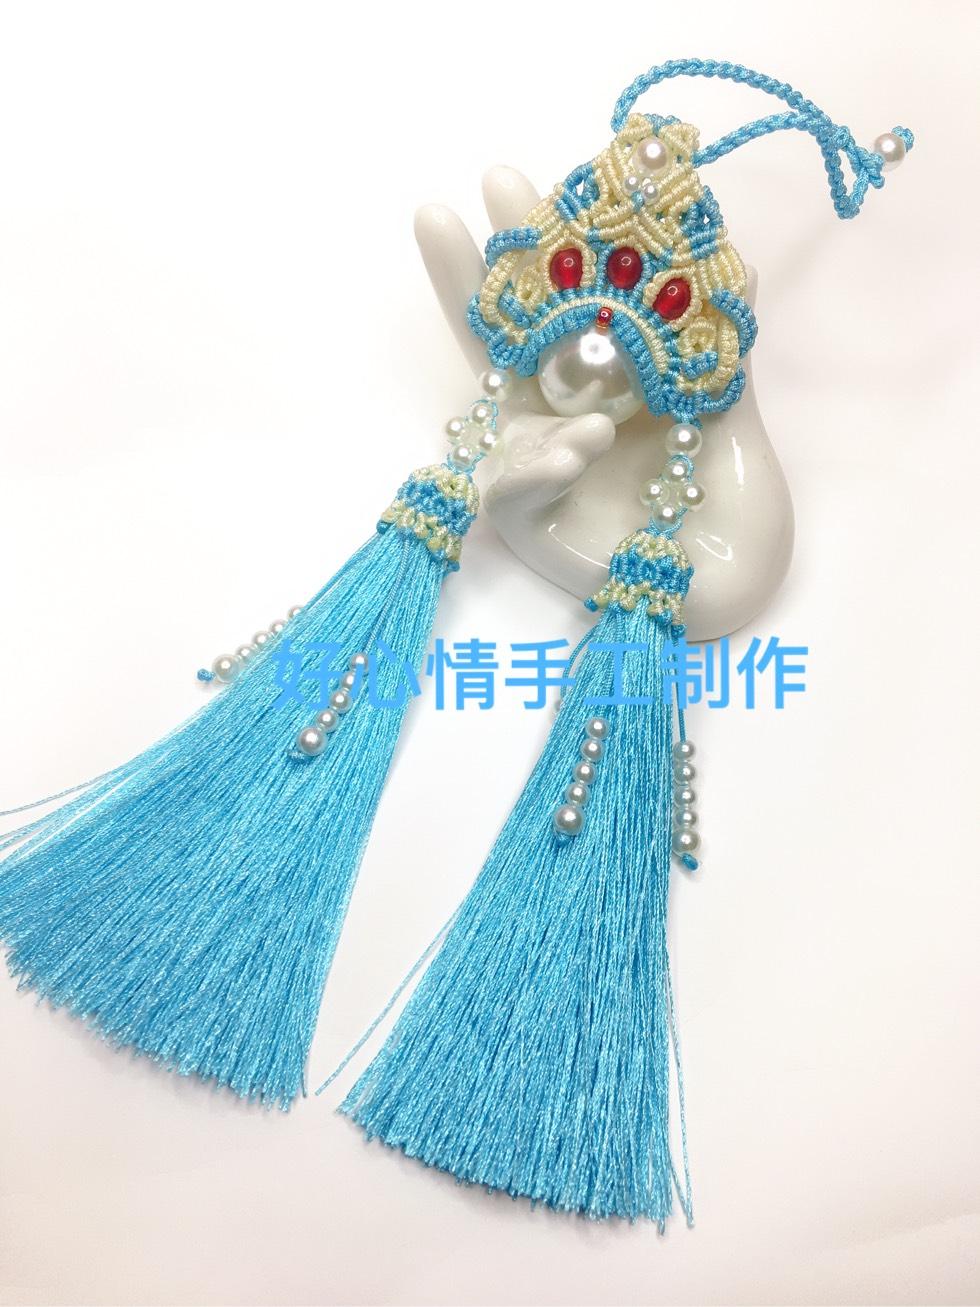 中国结论坛 原创花嫁之婉清 花嫁,镶珠,流苏 作品展示 082950fokgy222gohn2zo7